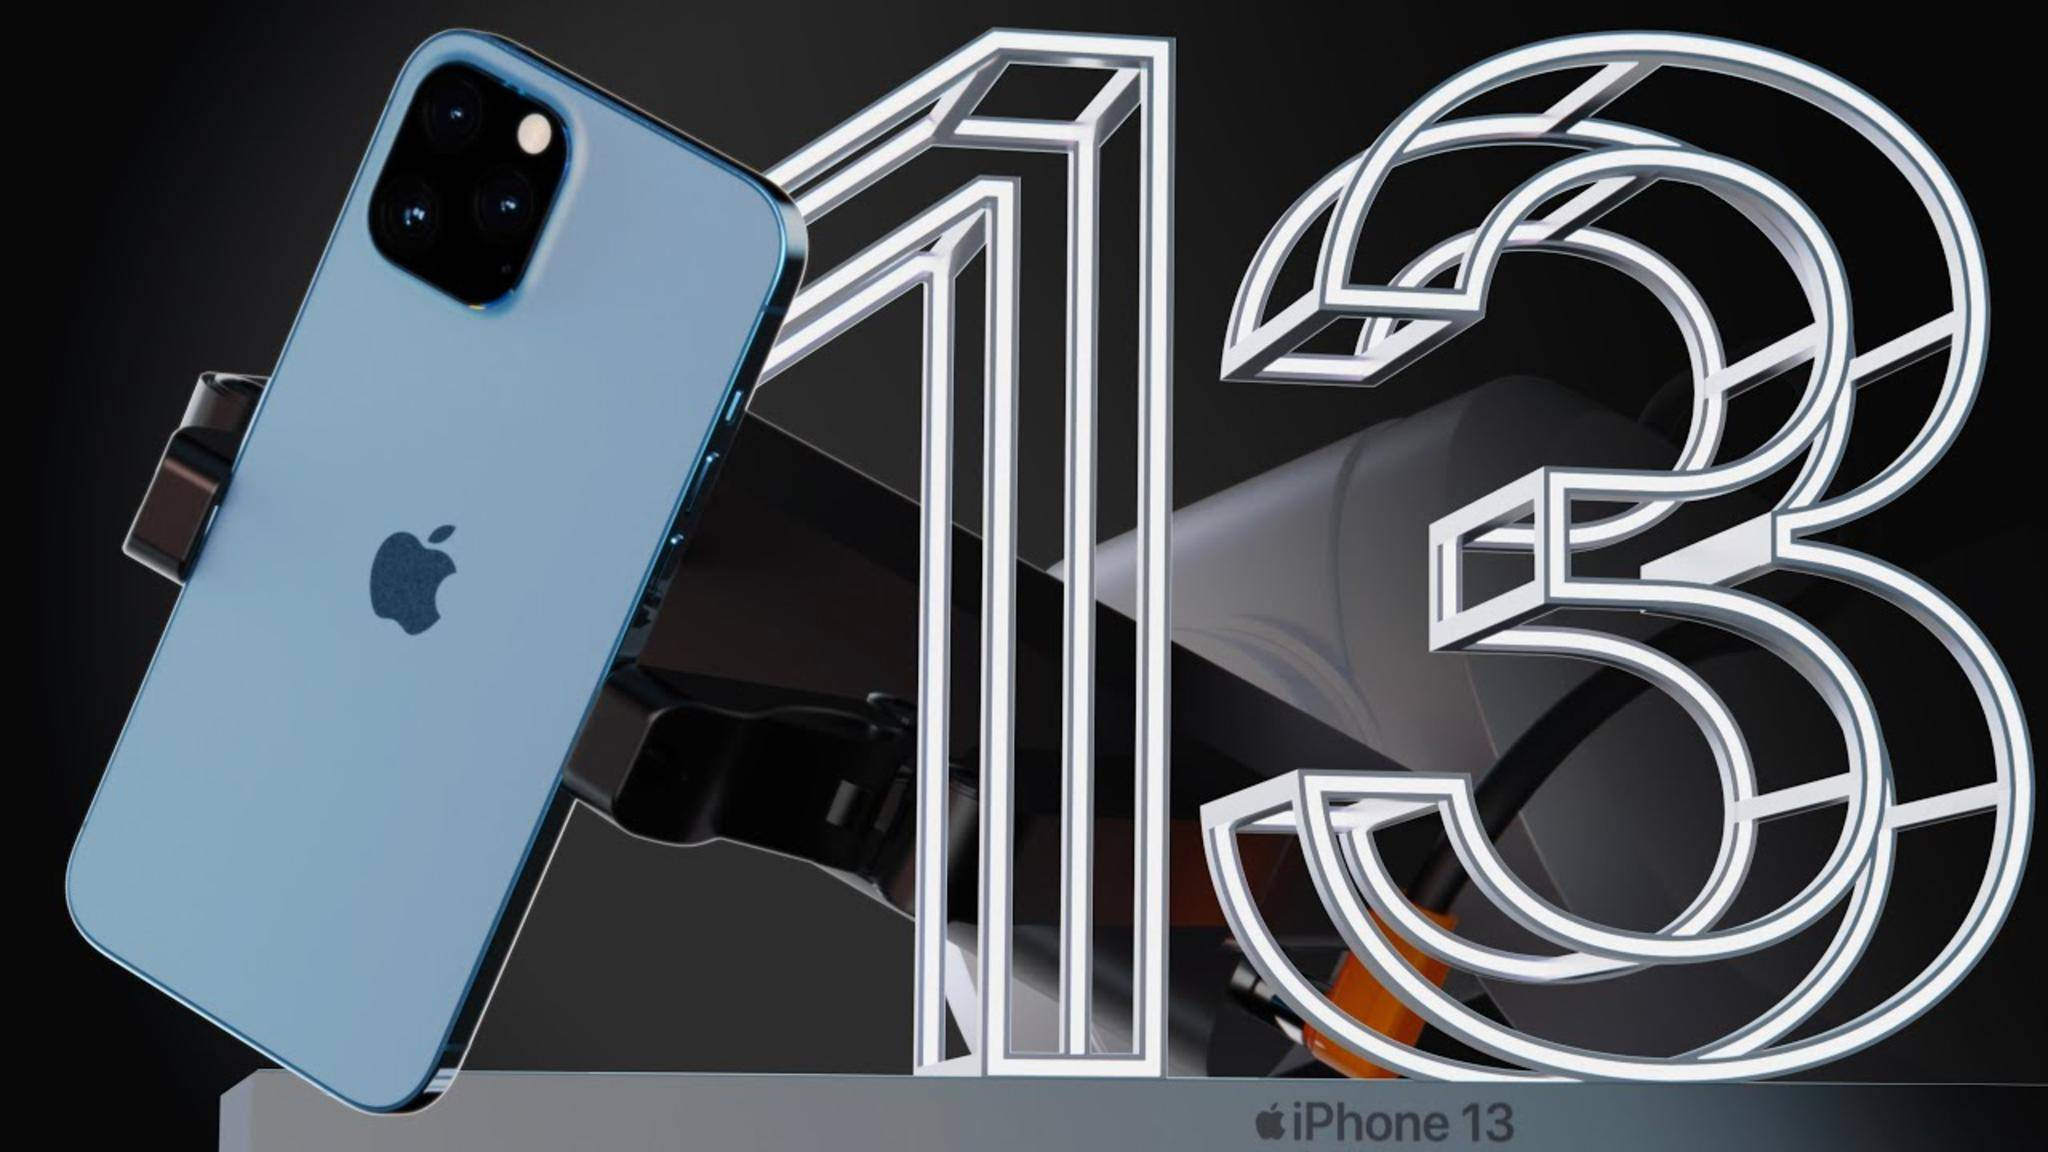 Das iPhone 13 Pro dürfte als erstes Apple-Smartphone Inhalte deutlich flüssiger wiedergeben.